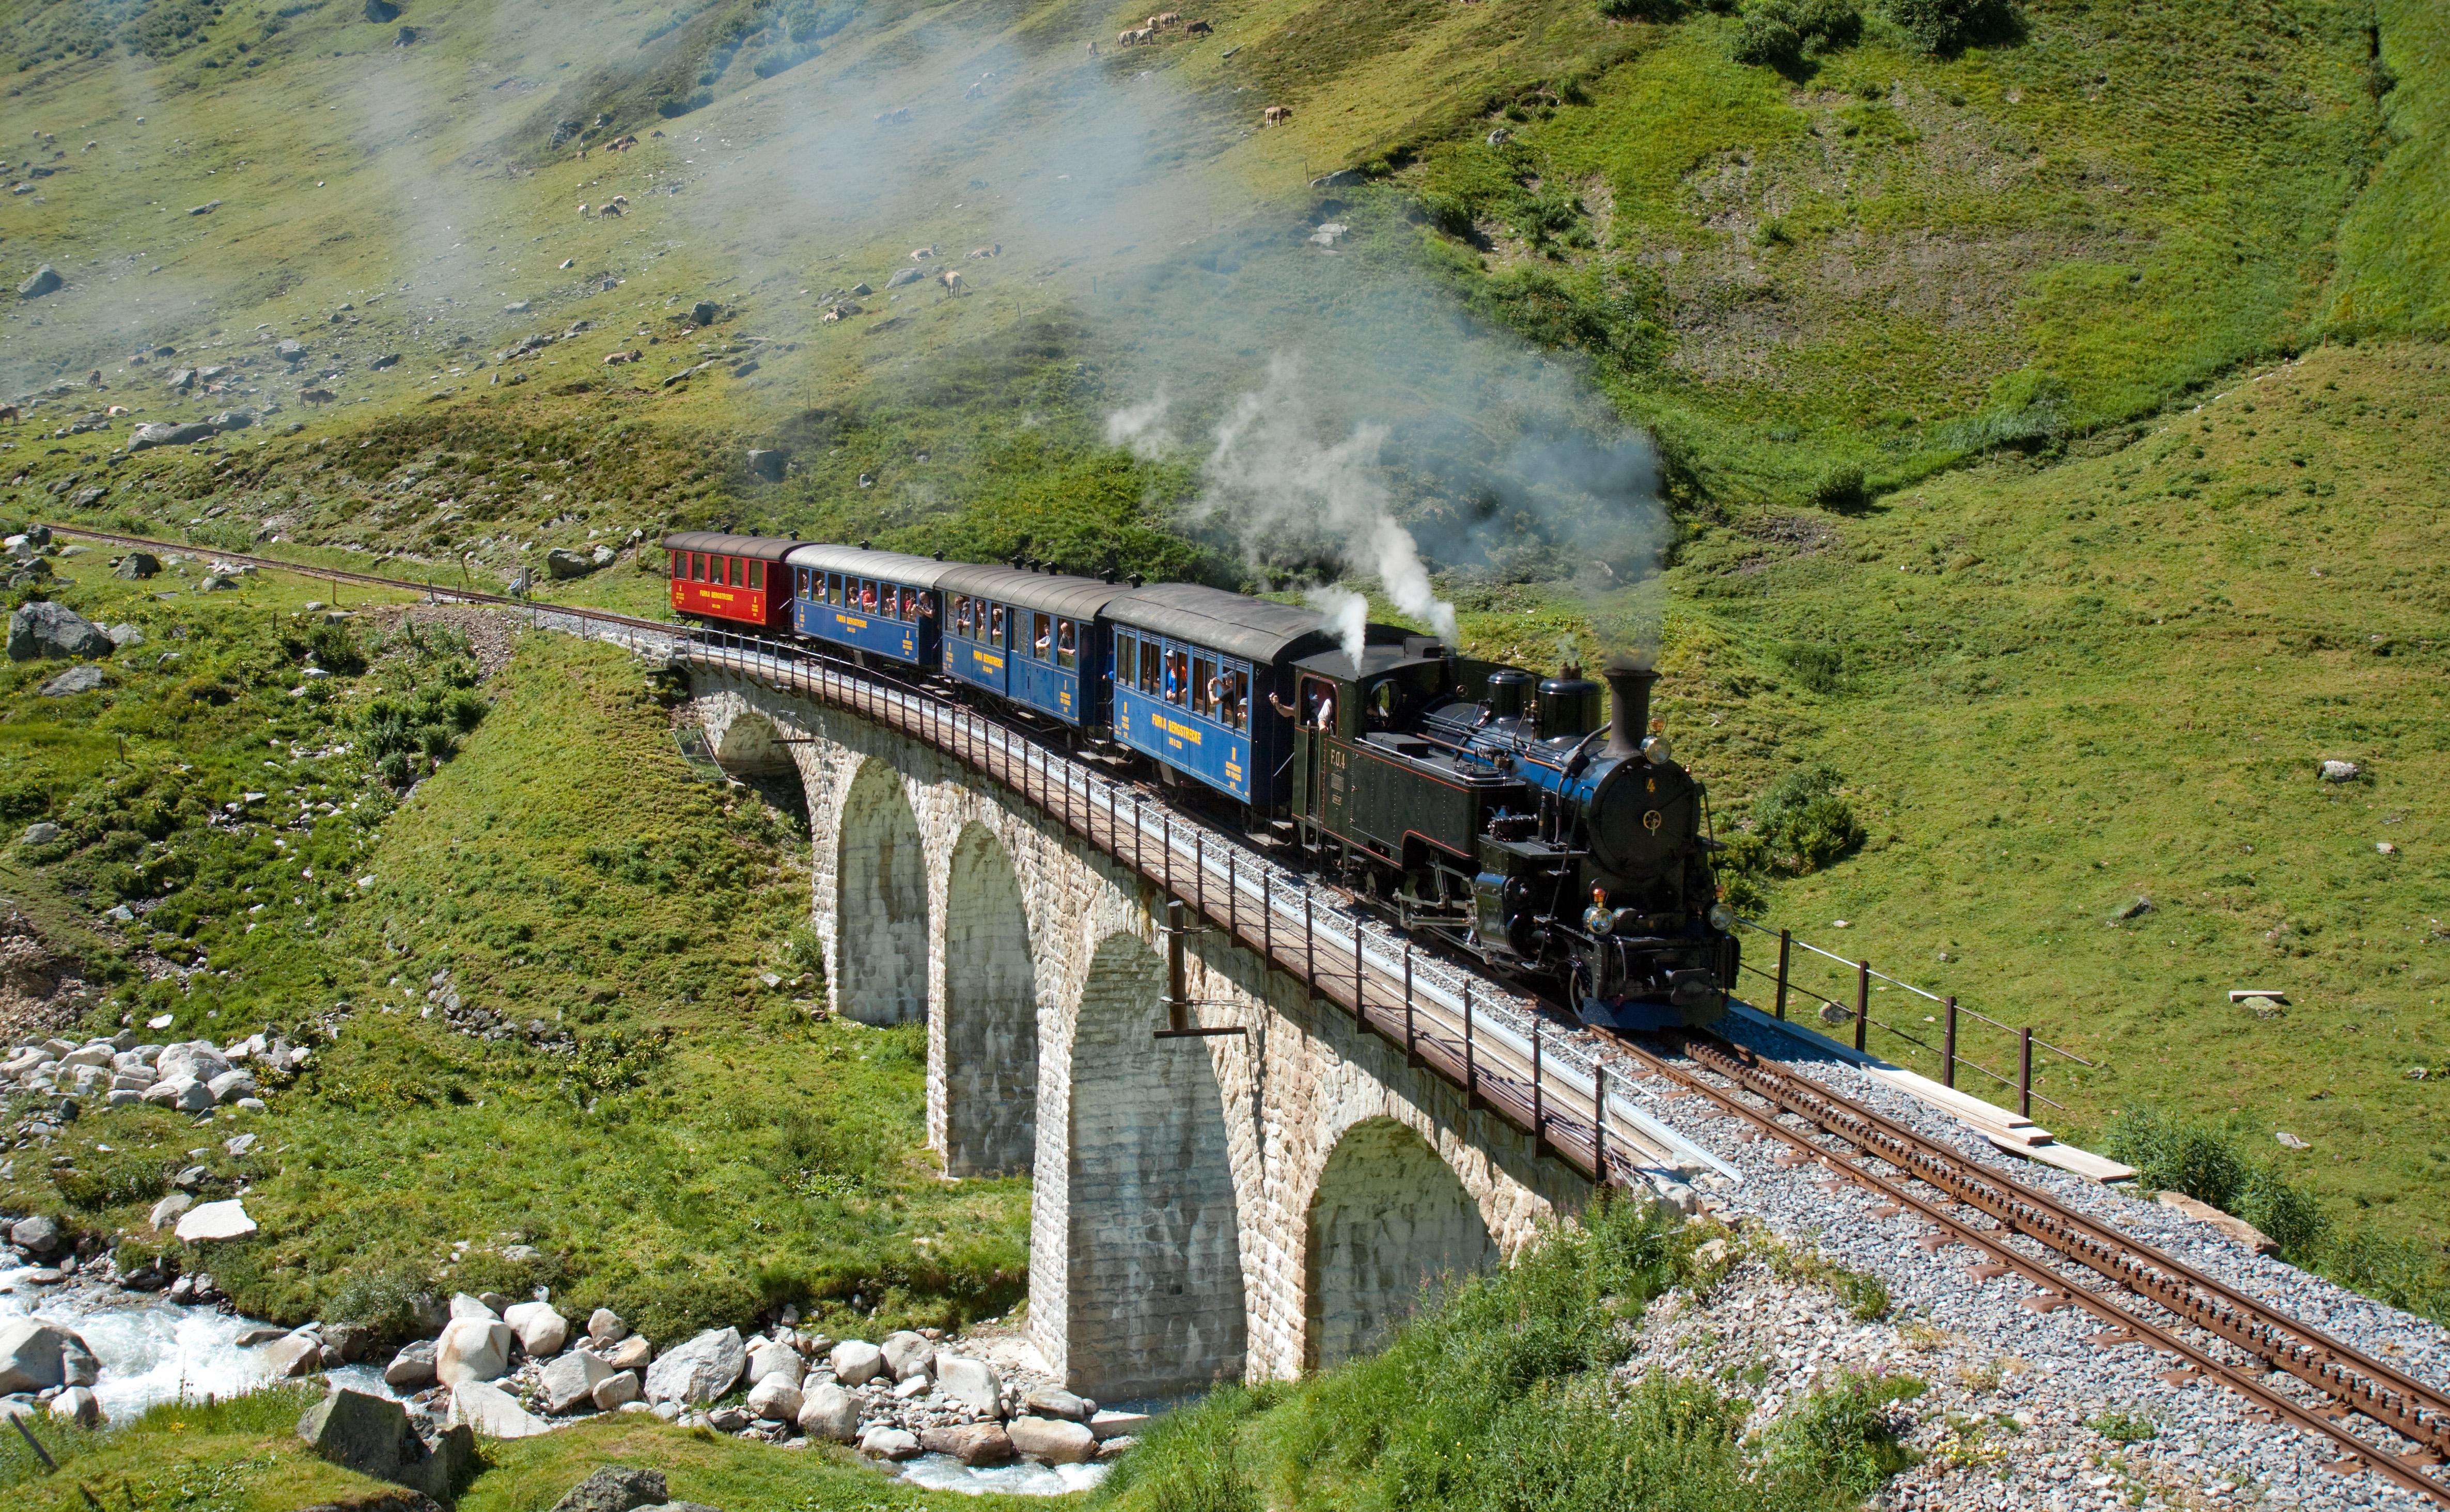 запросу печать железные дороги мира фото просят ничего взамен